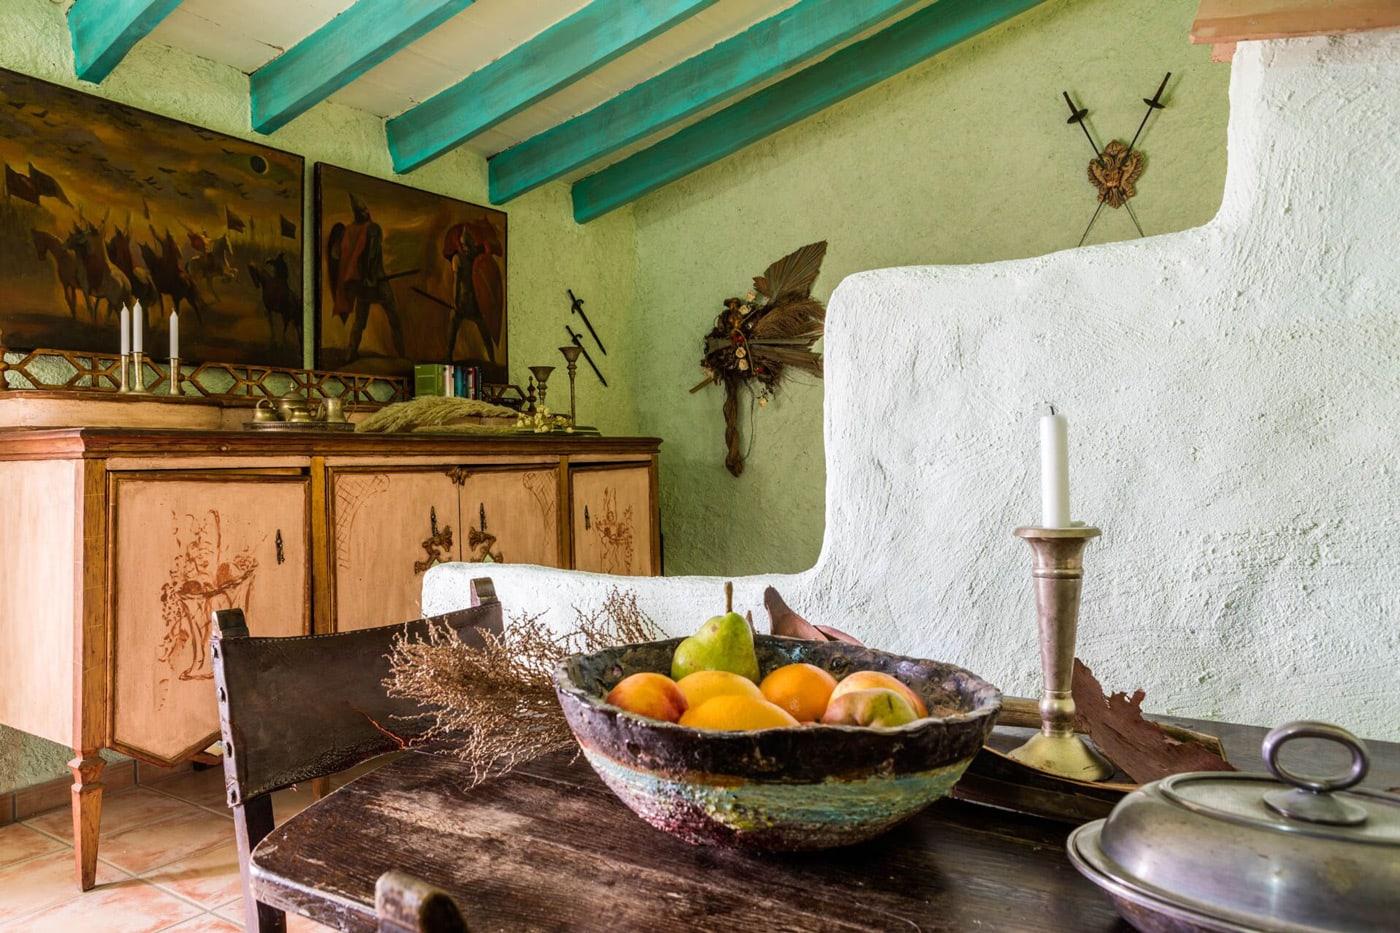 Tisch mit Obst in Wohnraum der Finca